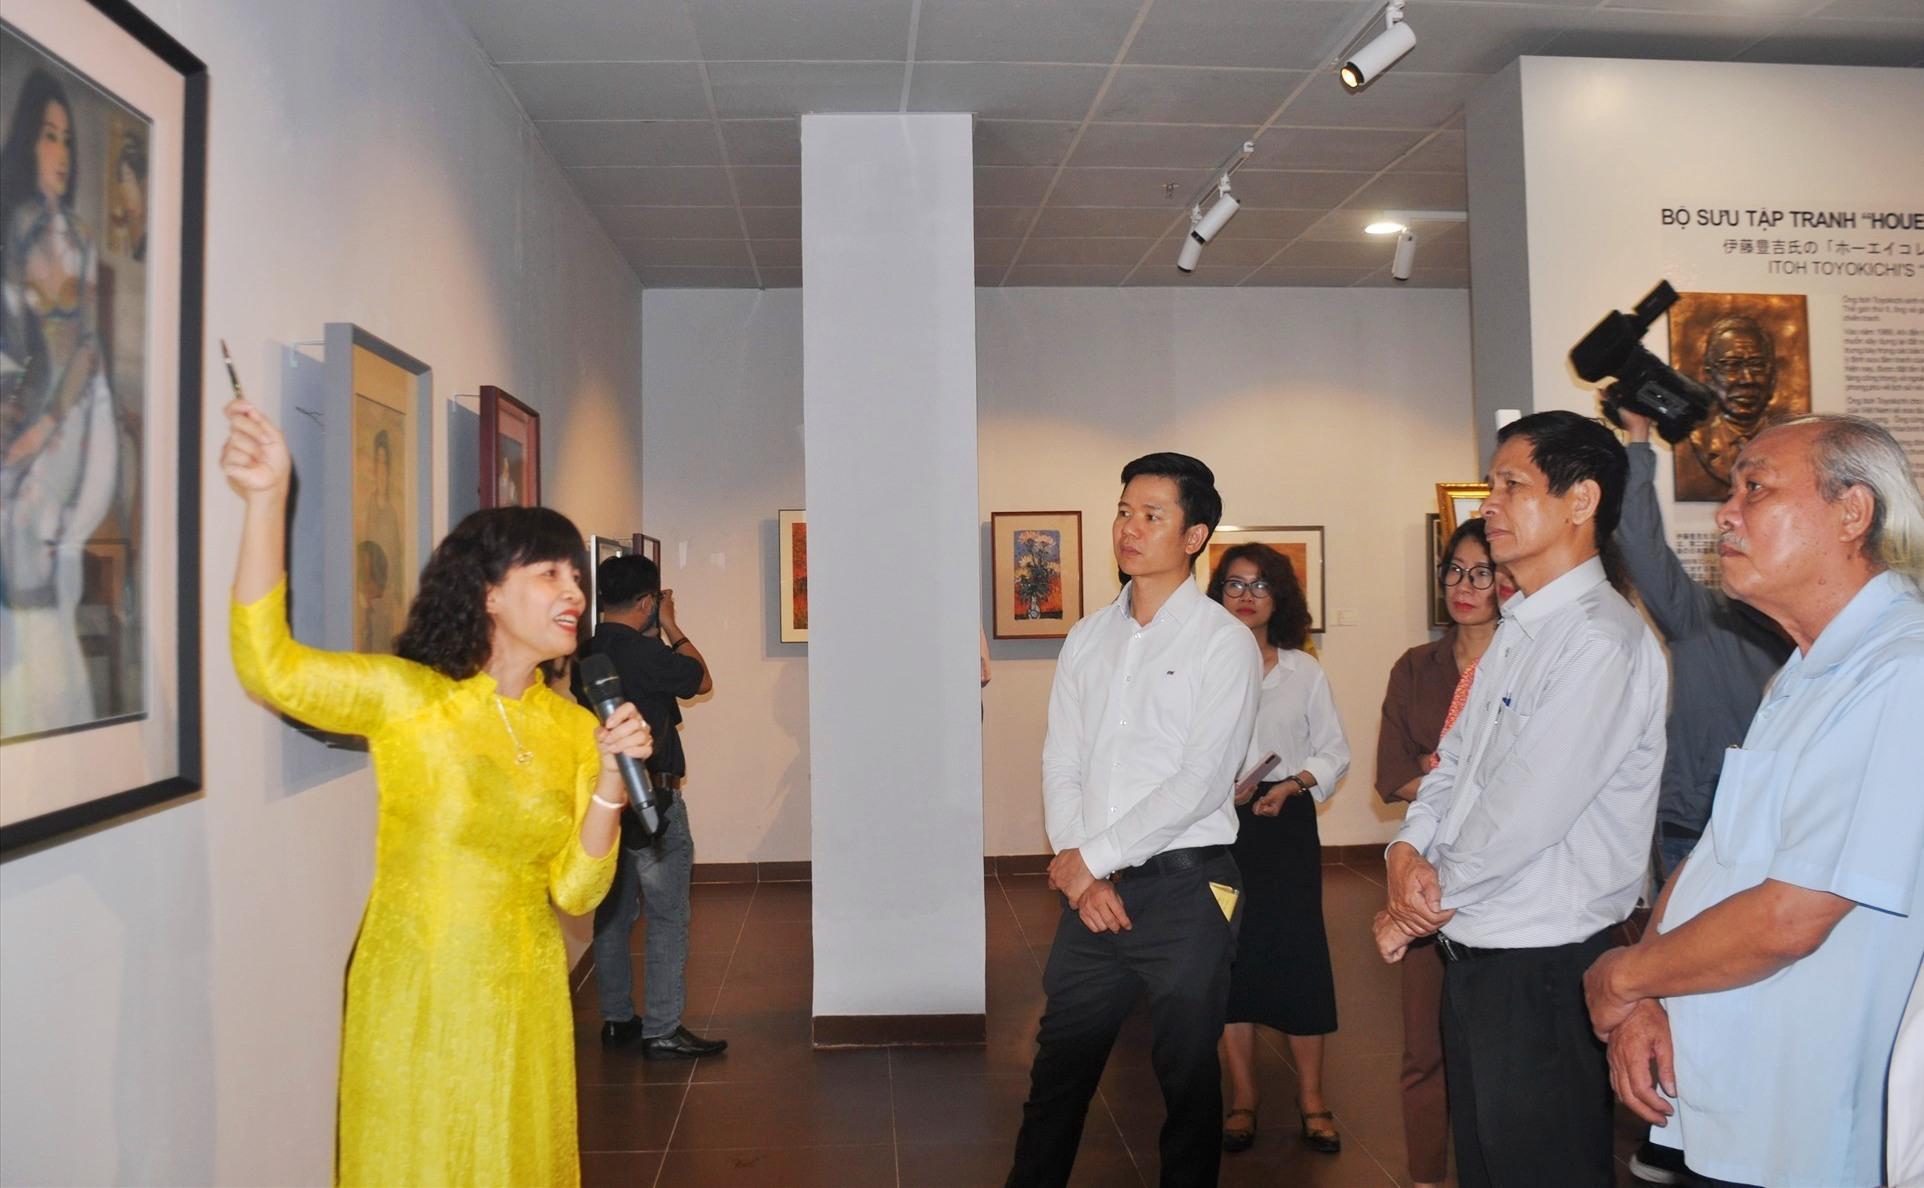 Một bức tranh quý được giới thiệu tại triển lãm. Ảnh: N.N